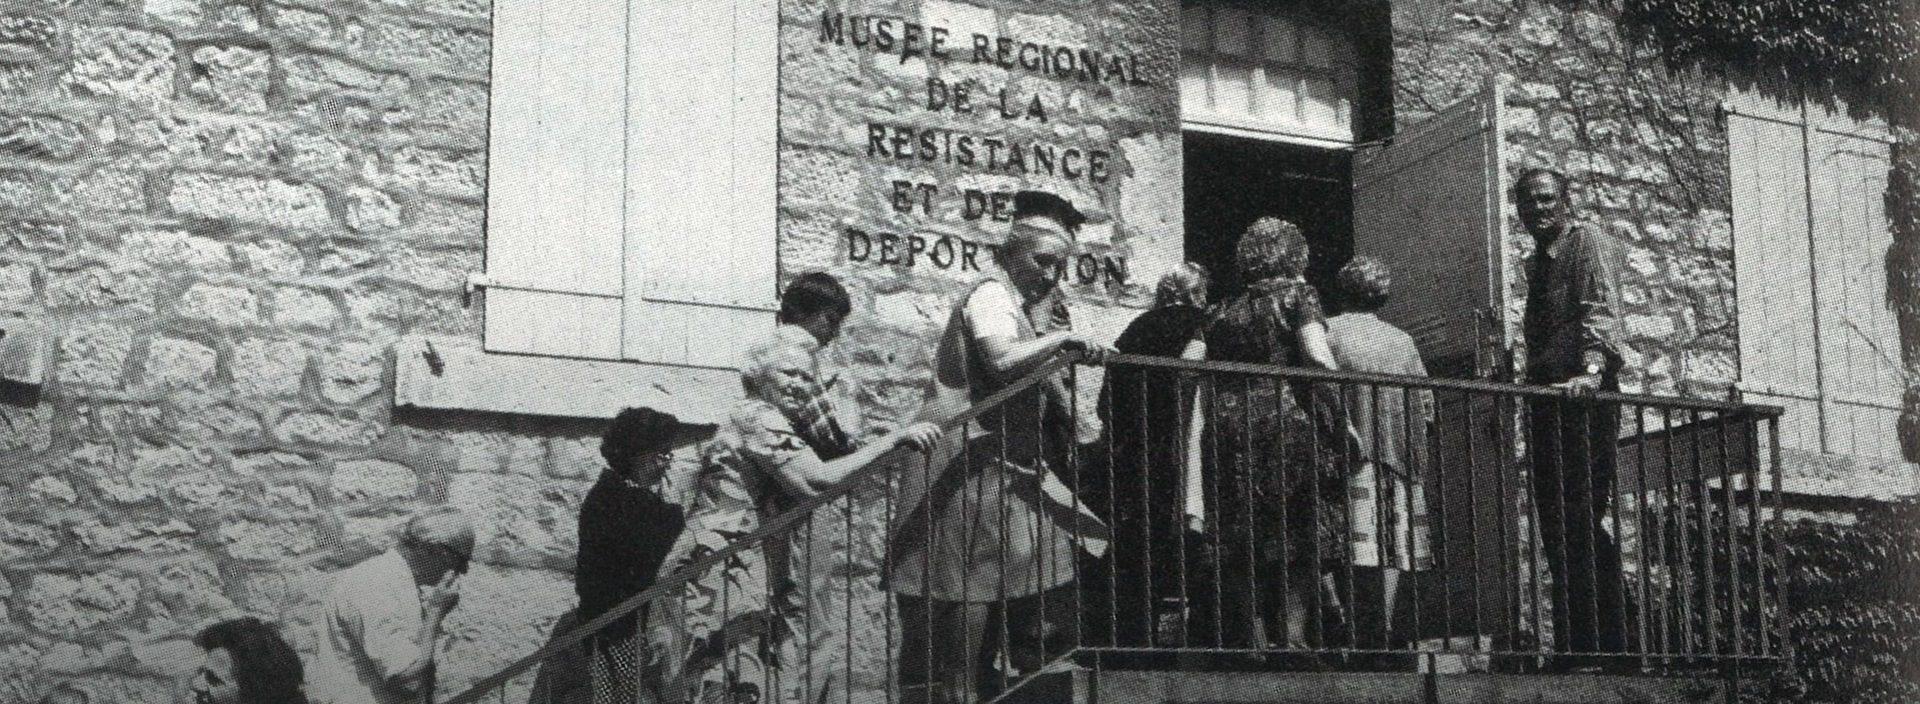 illustration Le Musée de la Résistance et de la Déportation de Besançon